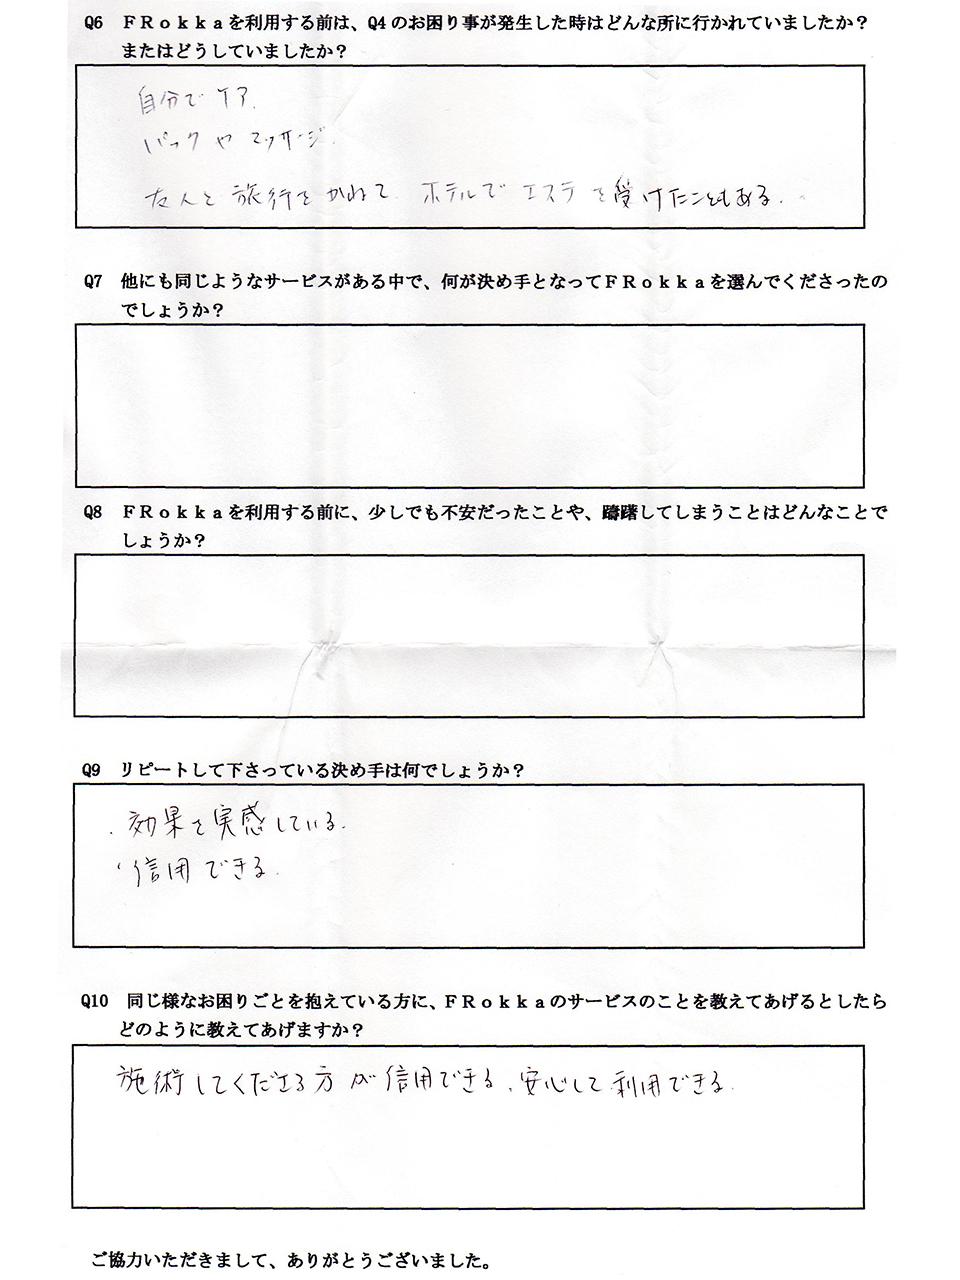 お客様アンケート(50代前半女性)2